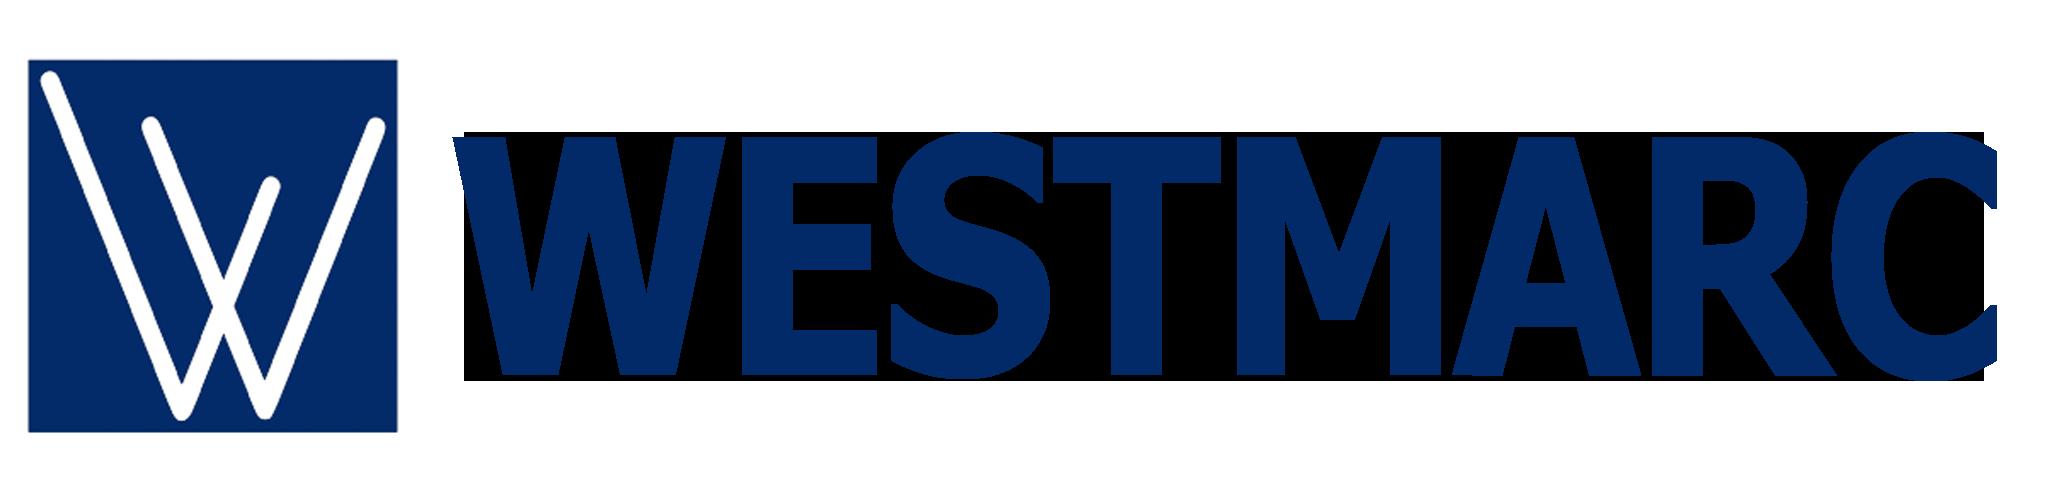 WESTMARC